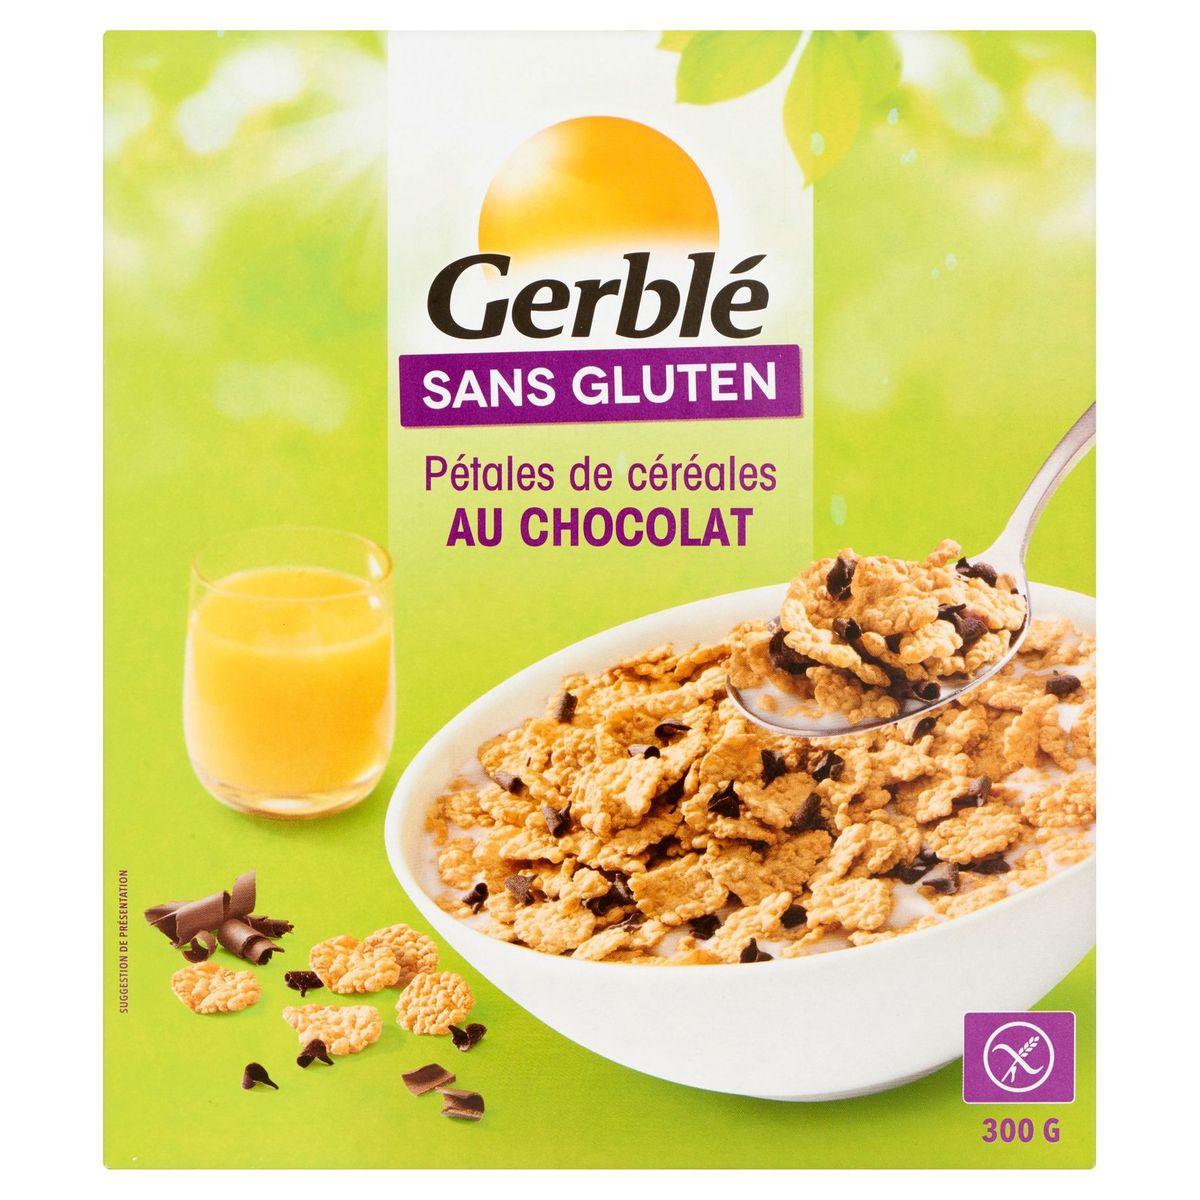 Gerblé Sans Gluten Pétales de Céréales au Chocolat 300 g